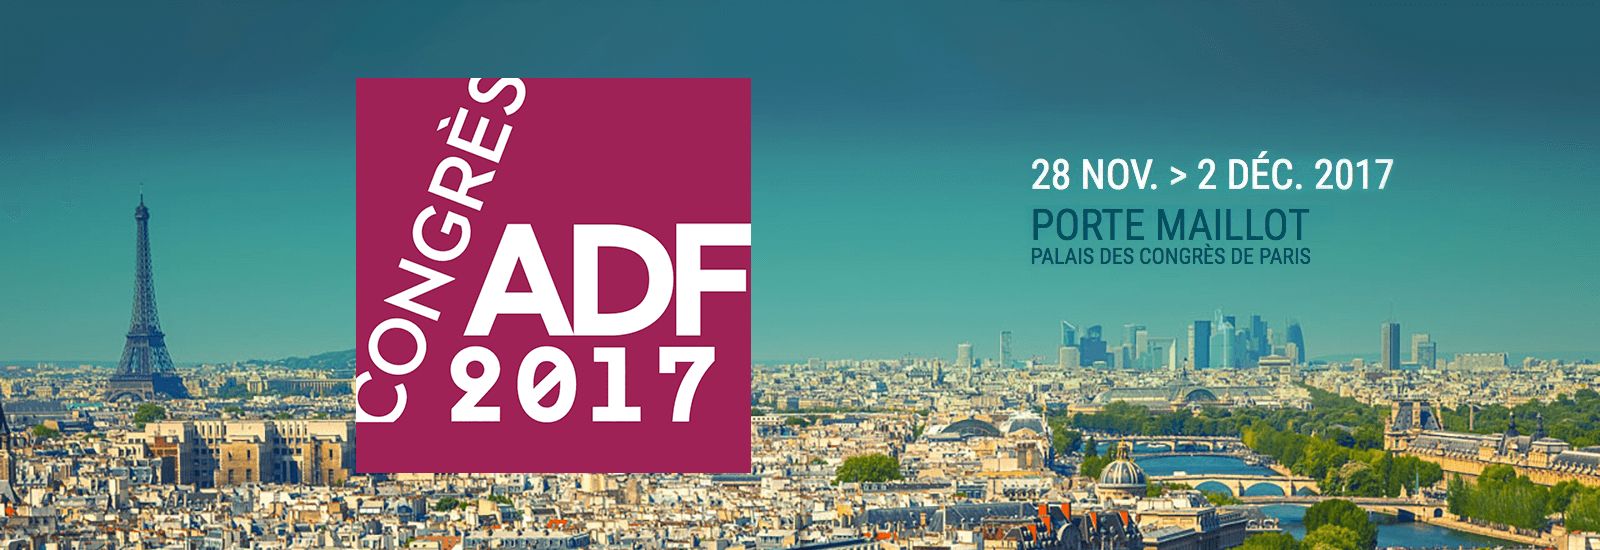 DOCTOLIB et E-Axess : Salon ADF au Palais des Congrés – Paris